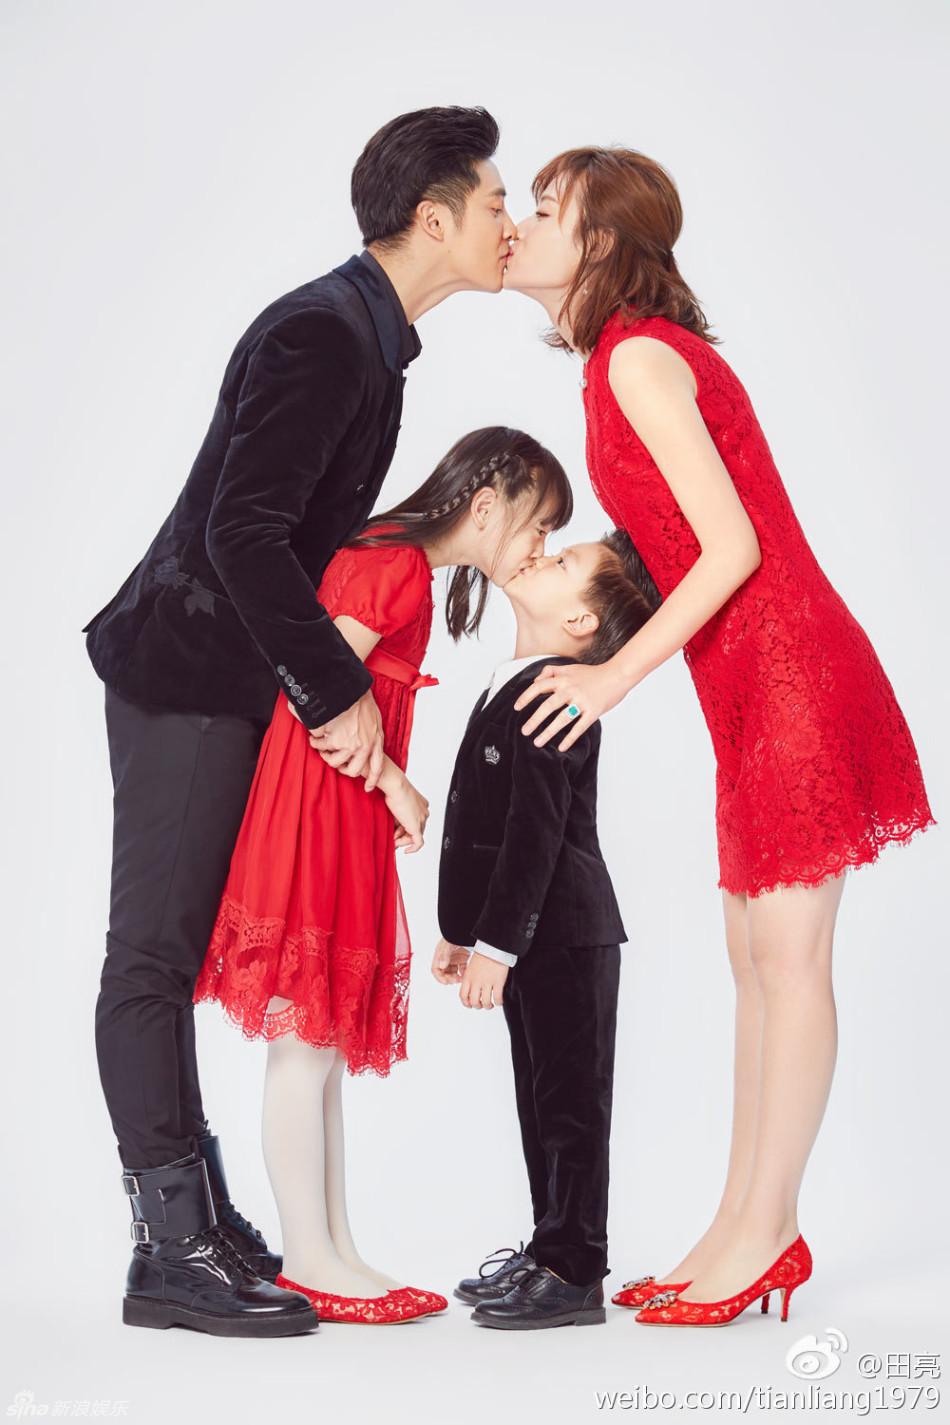 田亮一家拍写真迎新年 夫妻姐弟玩亲亲